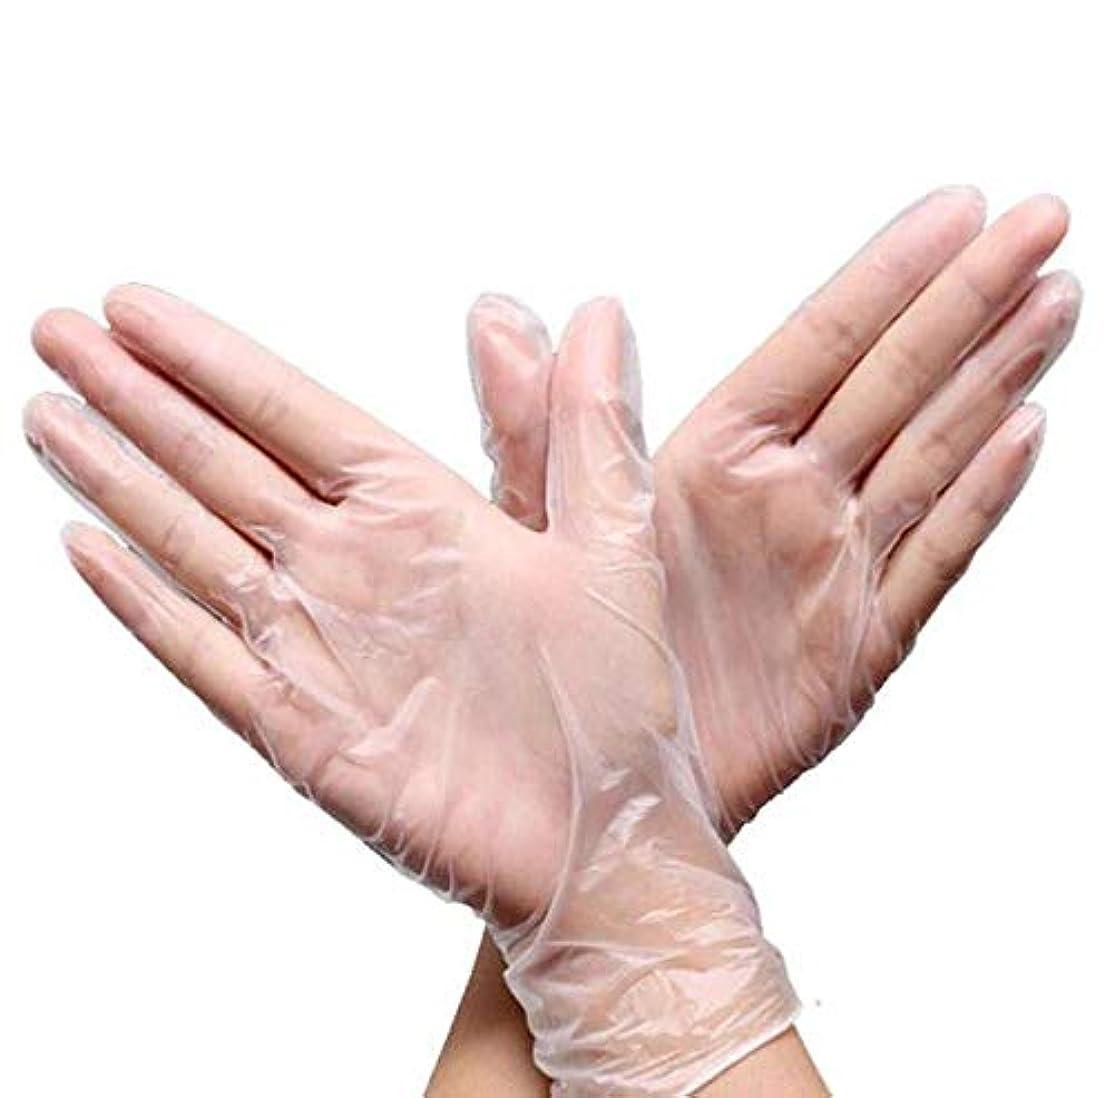 祖母主権者更新するSTK ニトリルゴム手袋 使い捨て手袋 透明 耐油 防水 左右兼用 粉なし 手荒れを防ぎ 素手 薄い 介護 トイレ掃除 園芸 美容 食器洗い (50ペアセット)